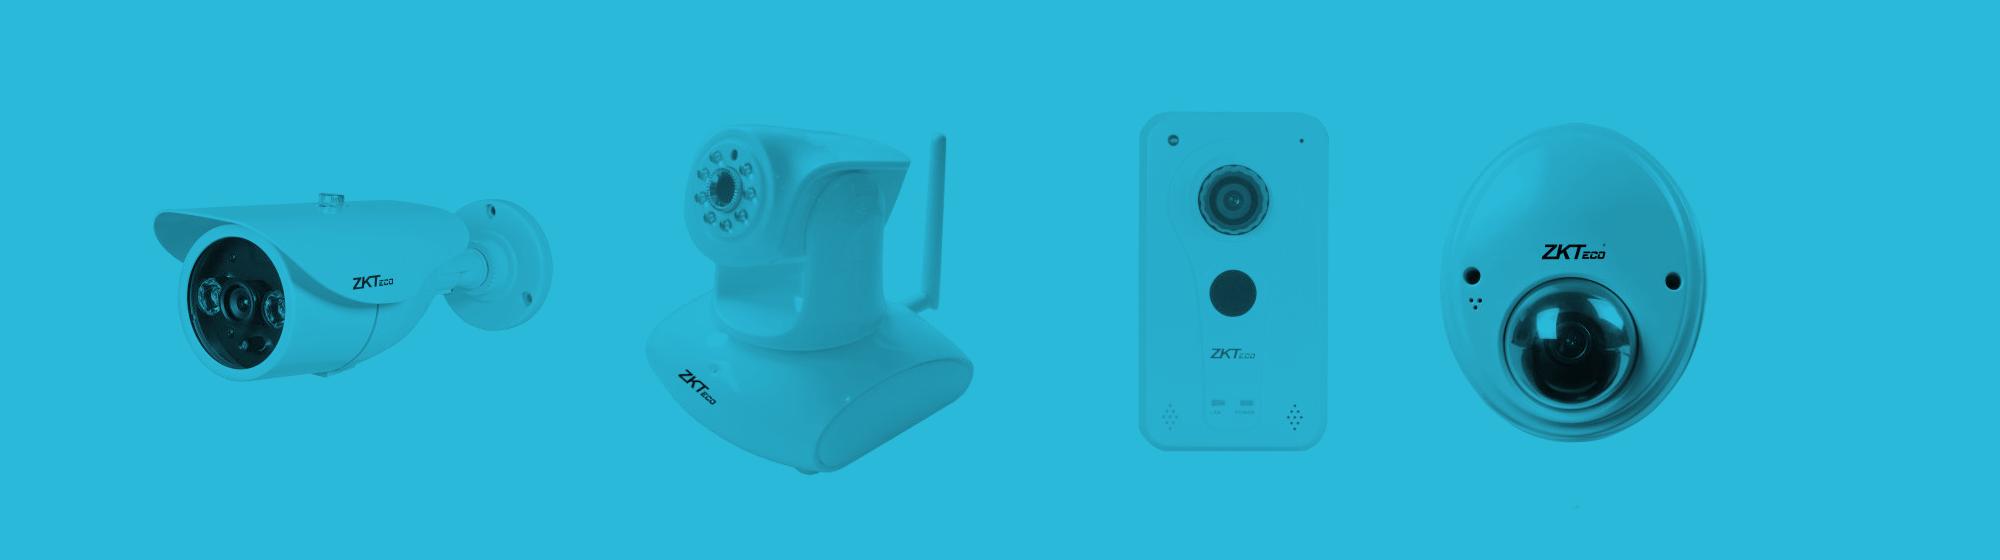 Discover our IP Cameras catalogue